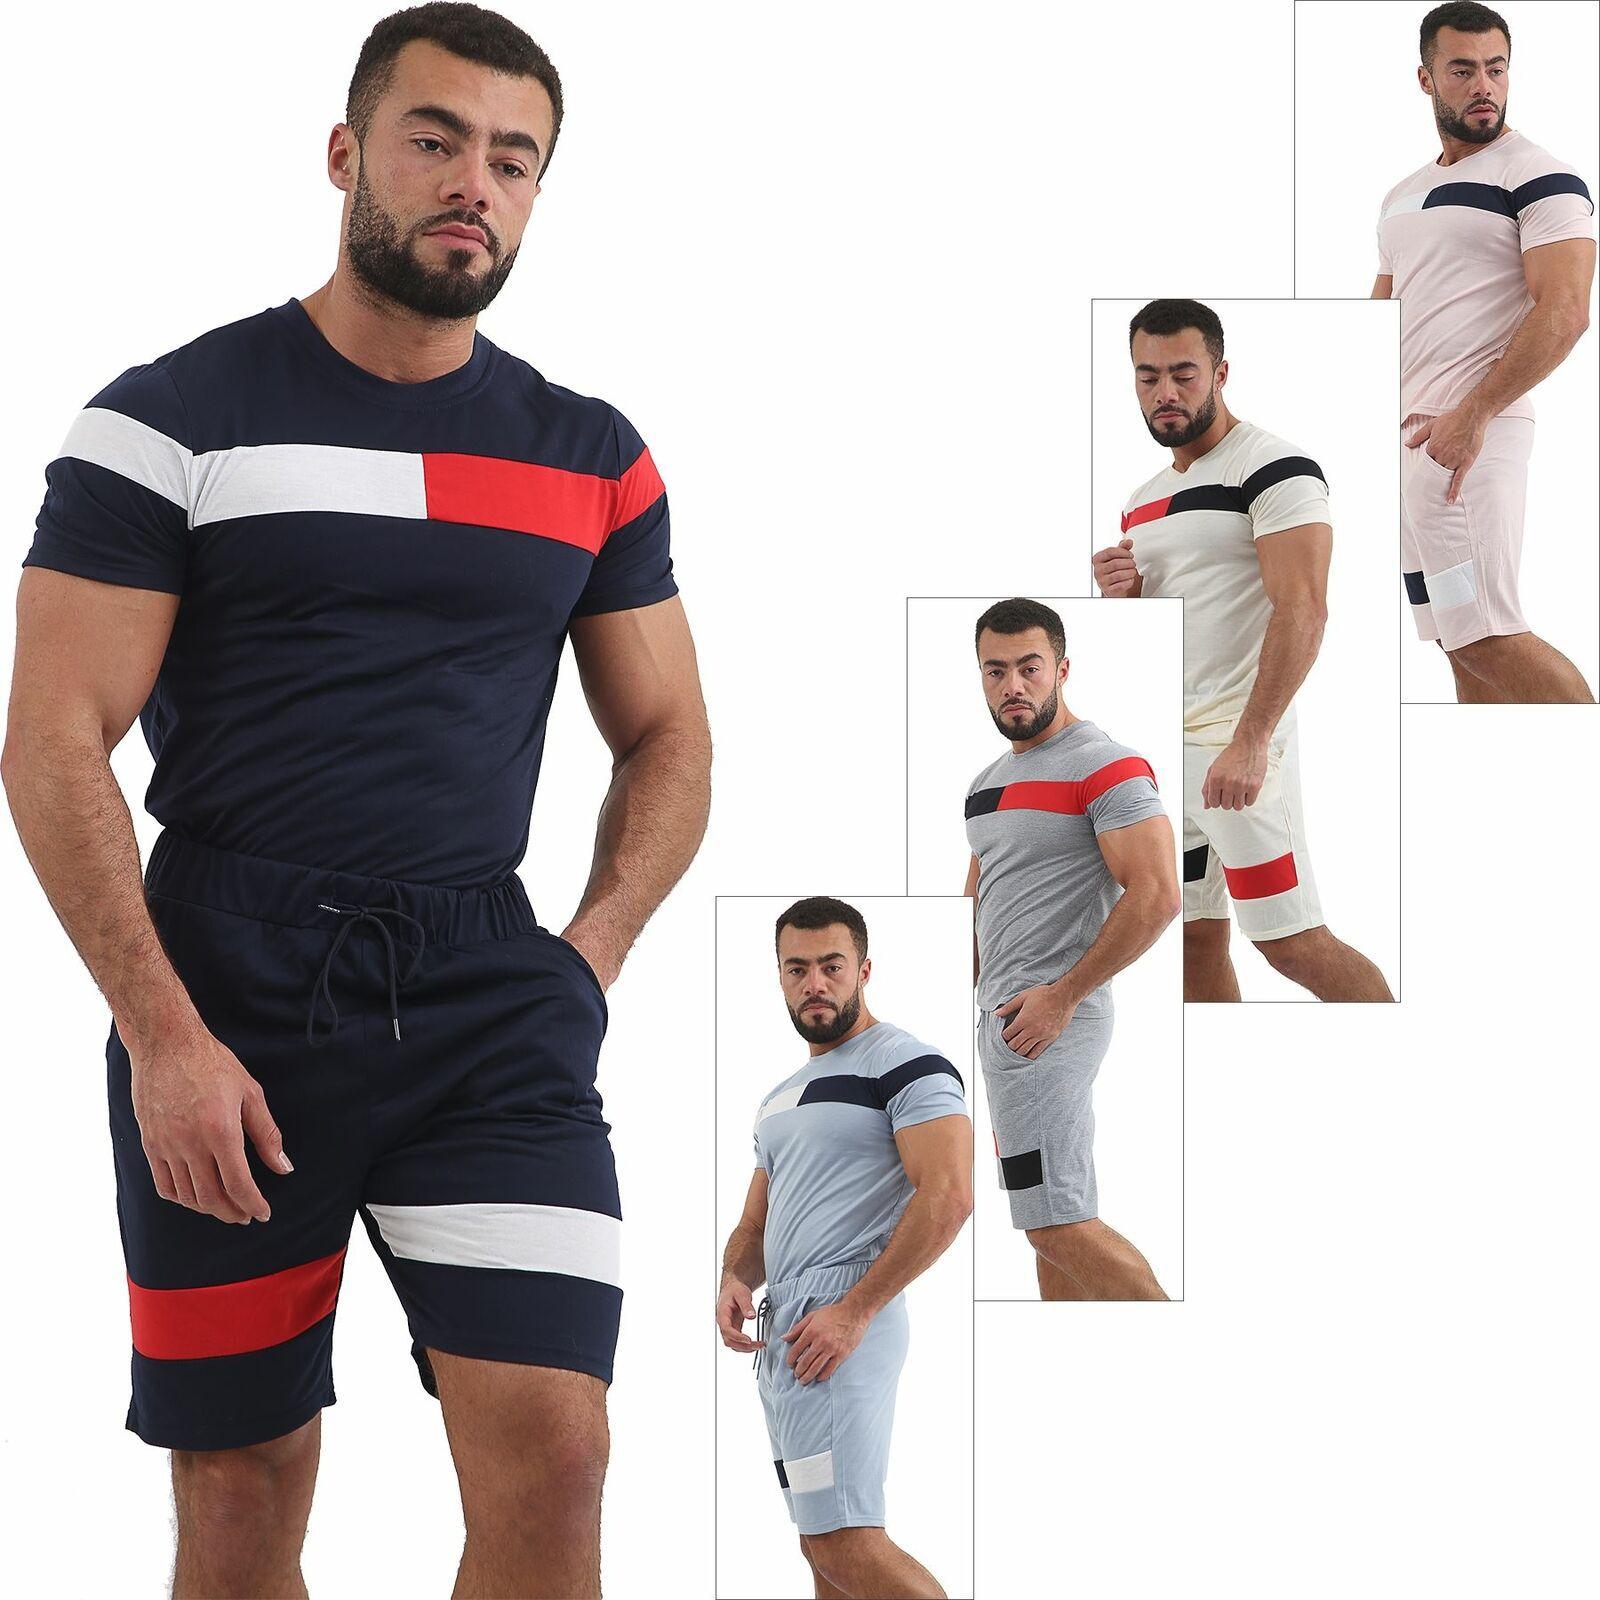 Homme Survêtement Set Assorti Shirt Short Casual Jogging Sport Maillot Gym Entraînement